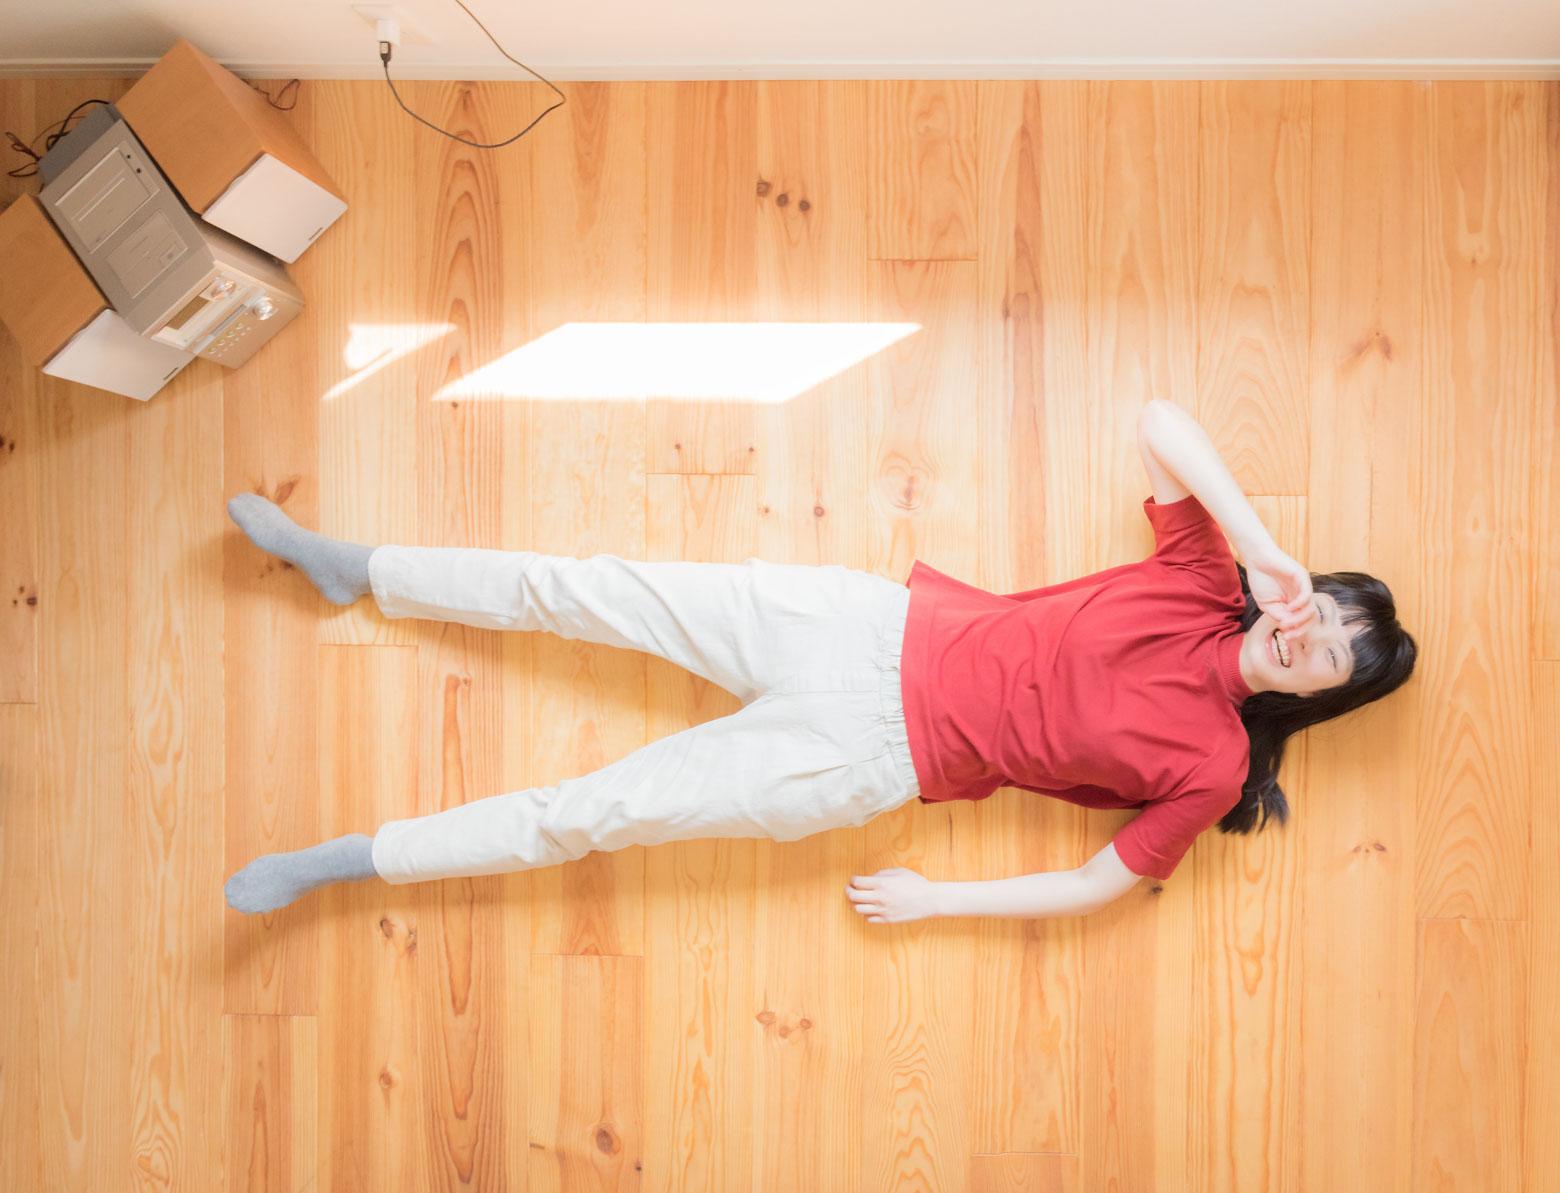 恒例の「寝っ転がってポートレイト」。田村さんが「オフィスでもよく笑ってる」という通り、撮影の間中ずっと笑っていた。良いのが撮れた。